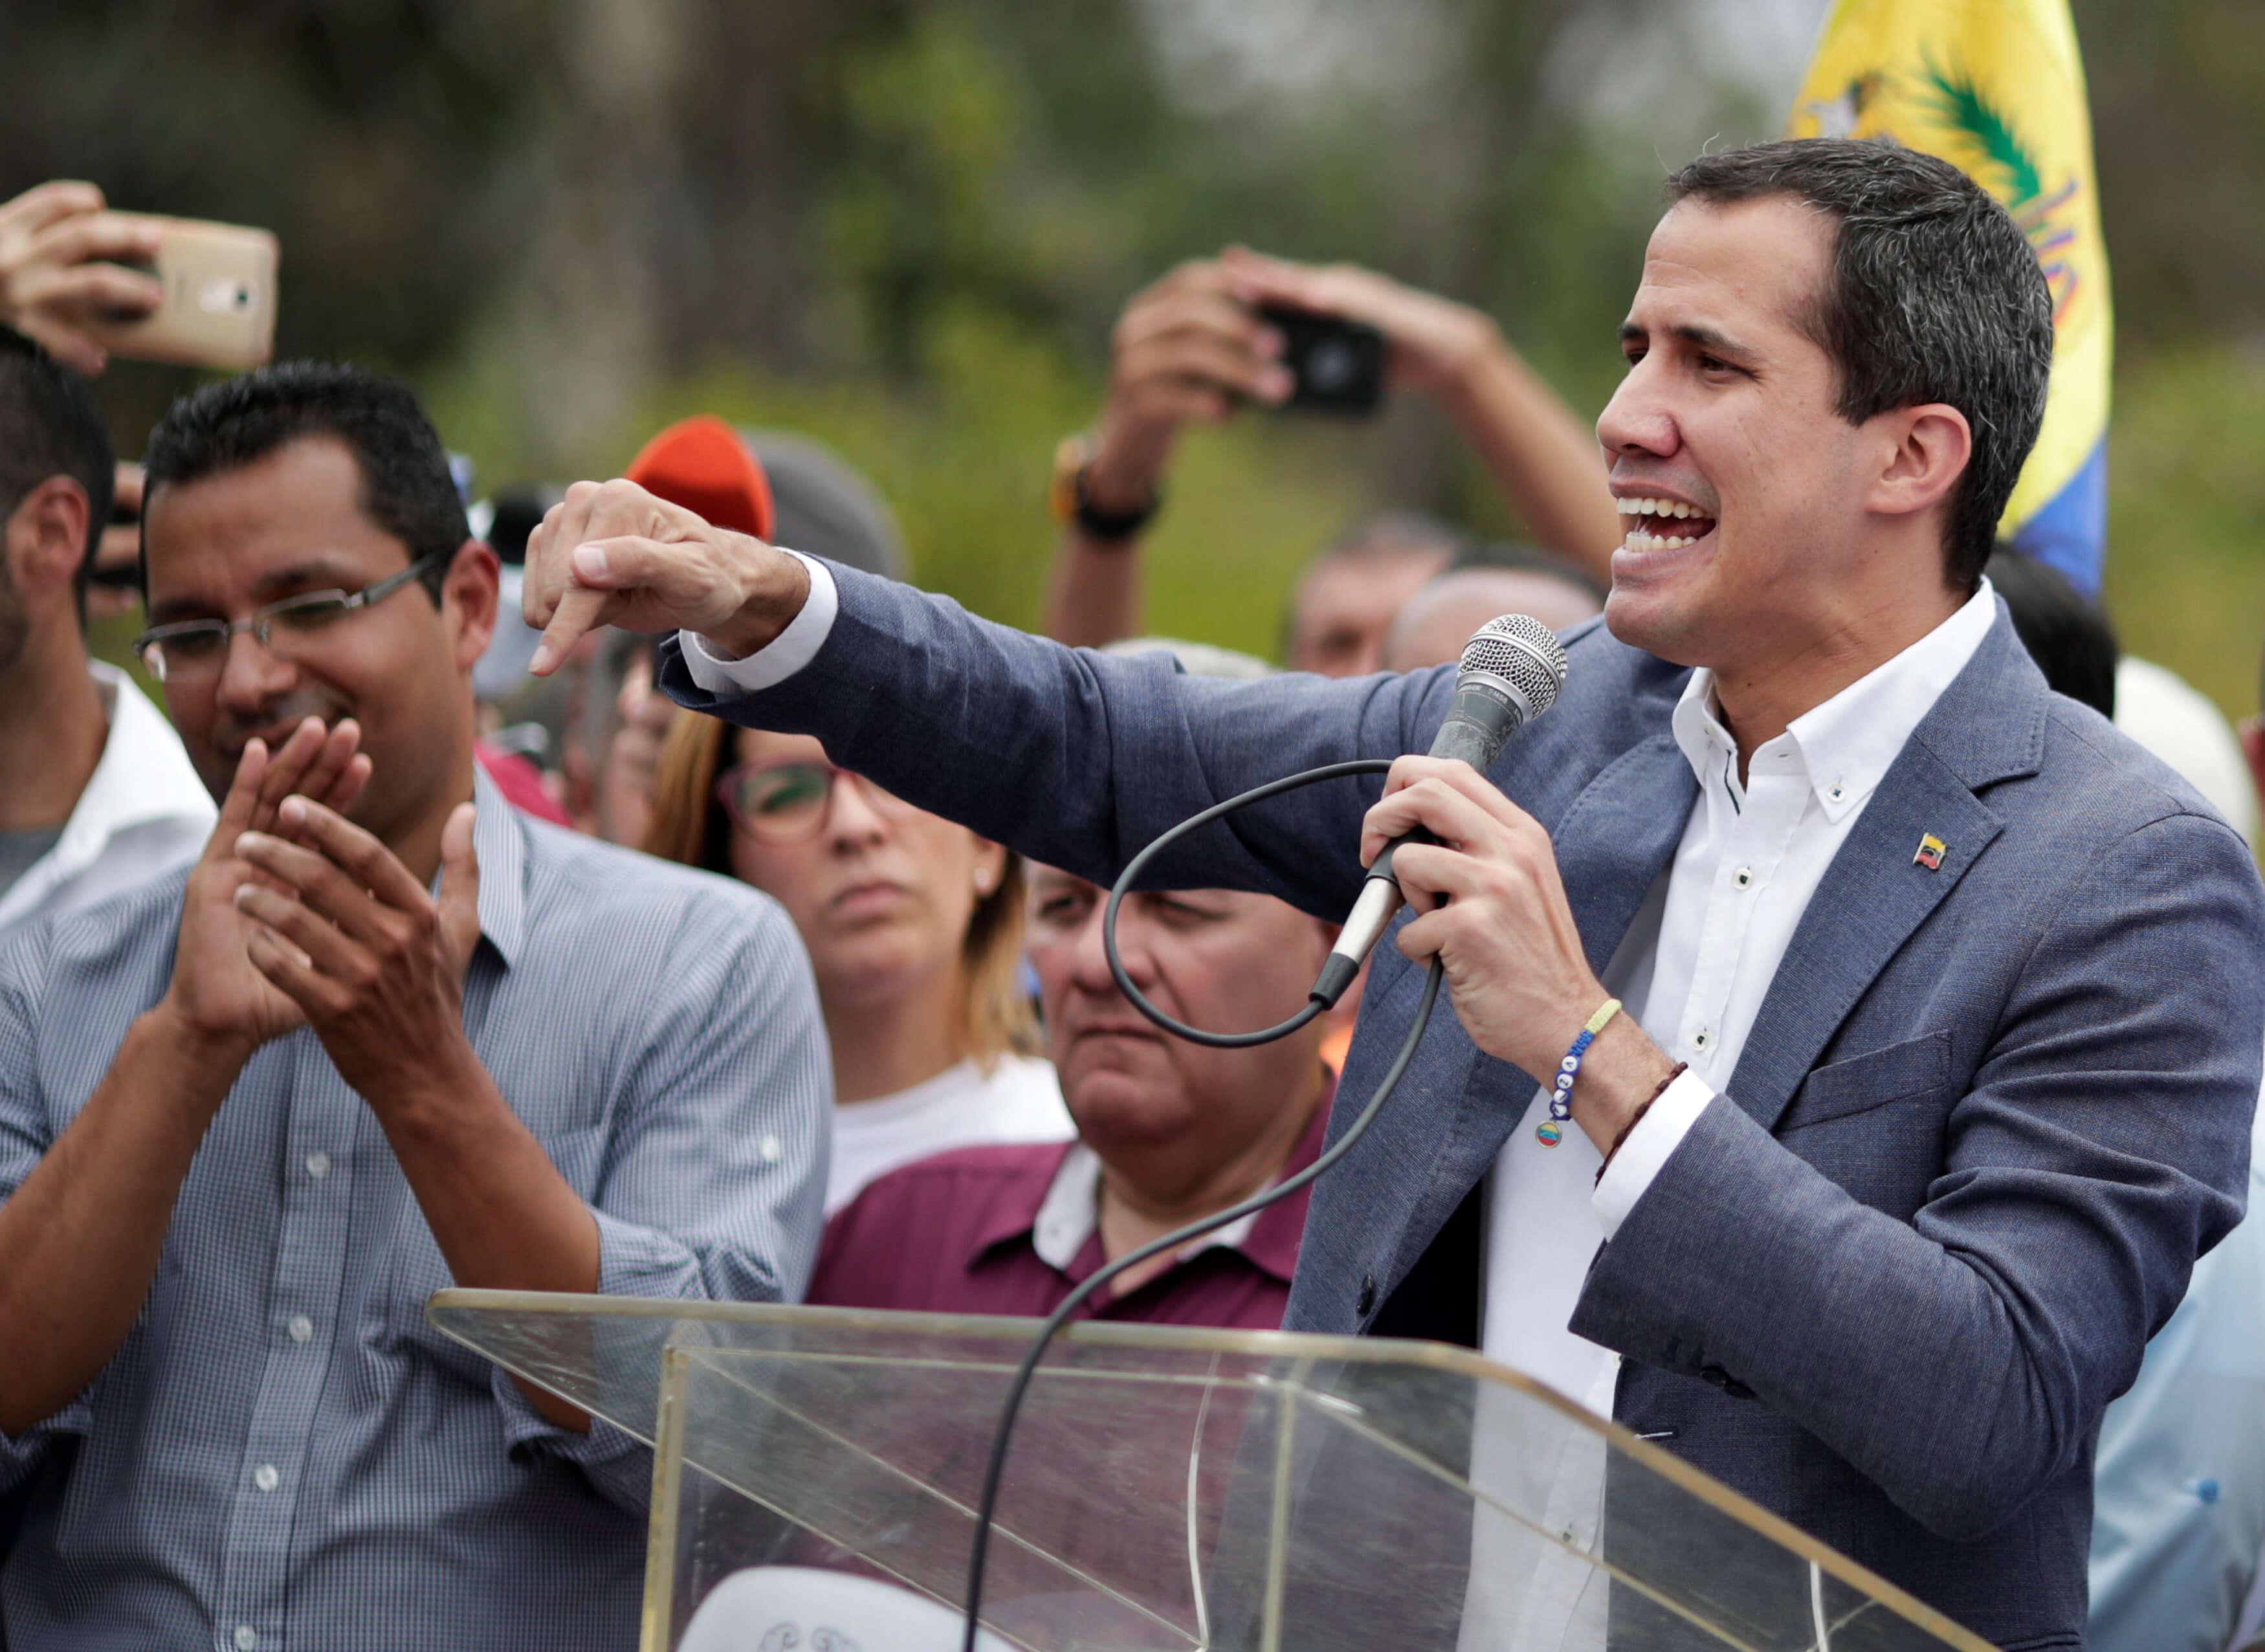 «Δεν αποκλείεται Αμερικανοί πεζοναύτες να μπουν στη Βενεζουέλα – Το πρόβλημα θα είναι να φύγουν»